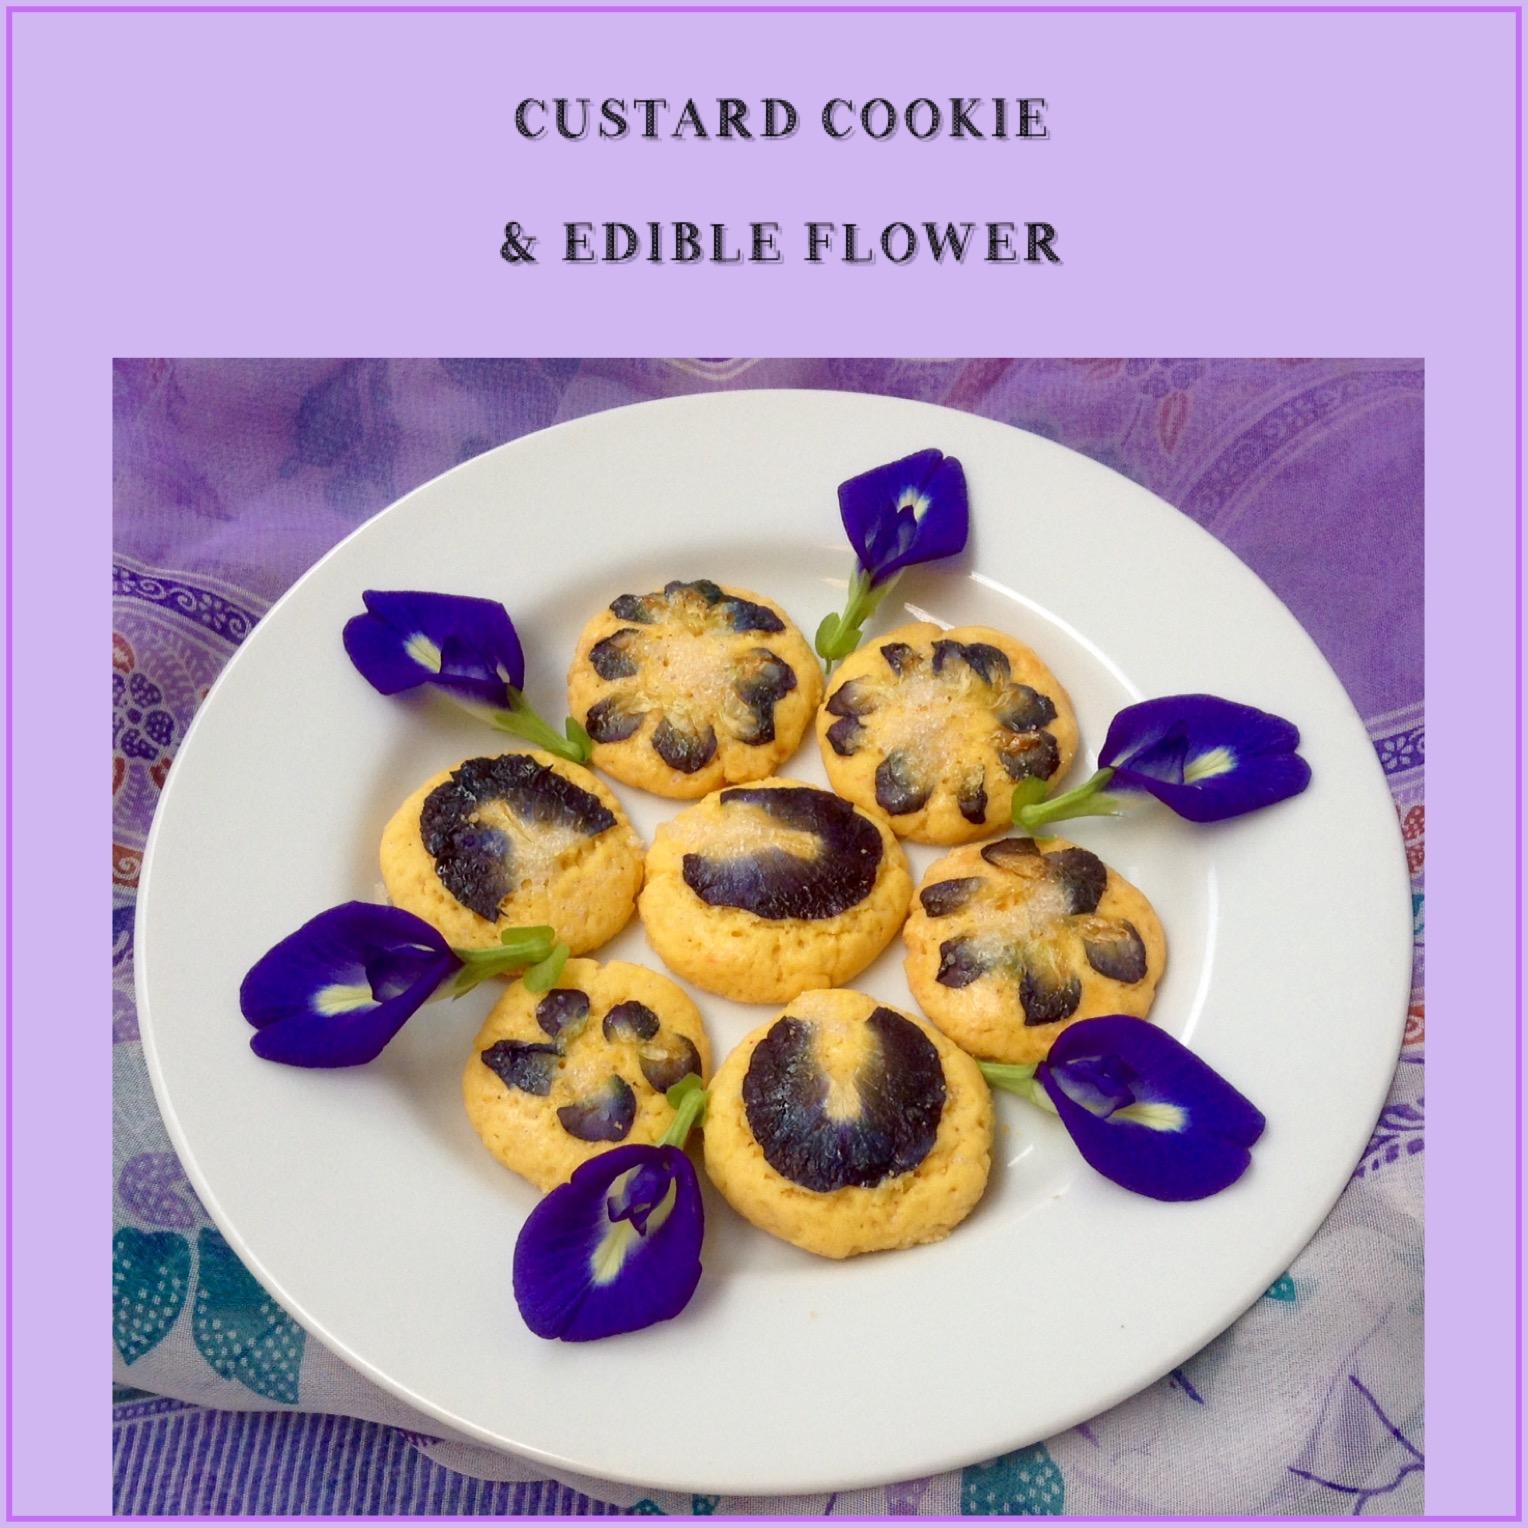 Resep Custard Cookie & Edible Flower